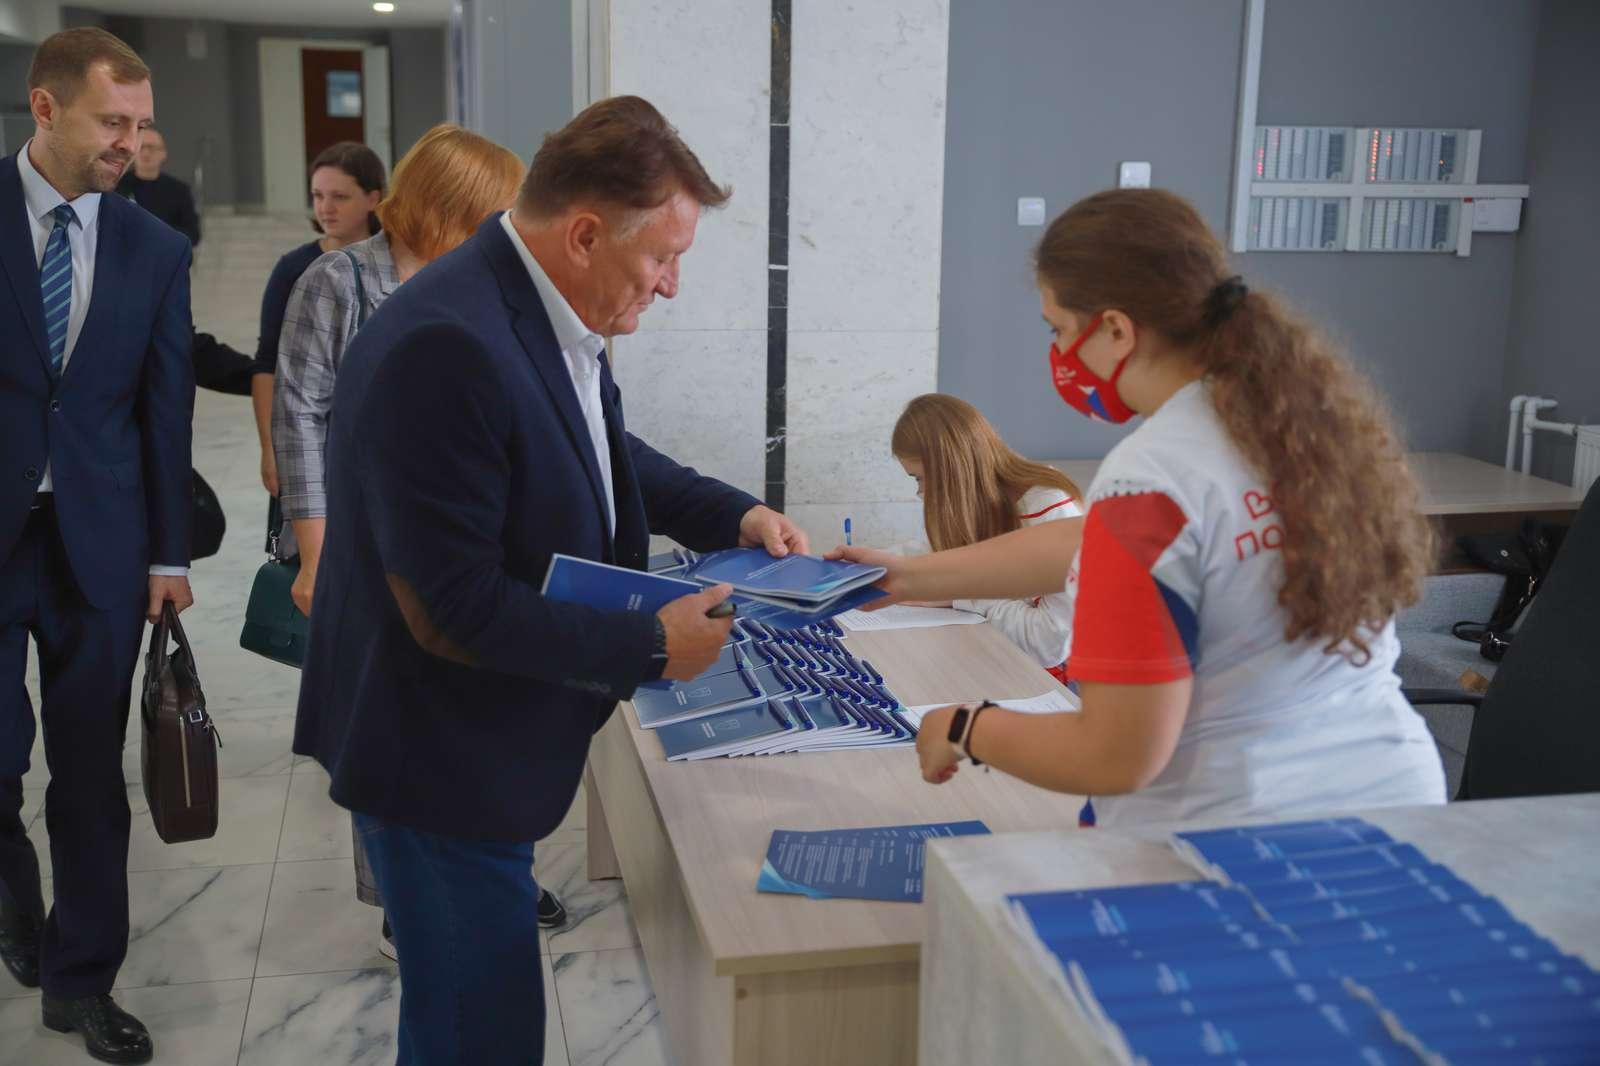 Обучающий семинар для наблюдателей на выборах провели в Балашихе | Изображение 1